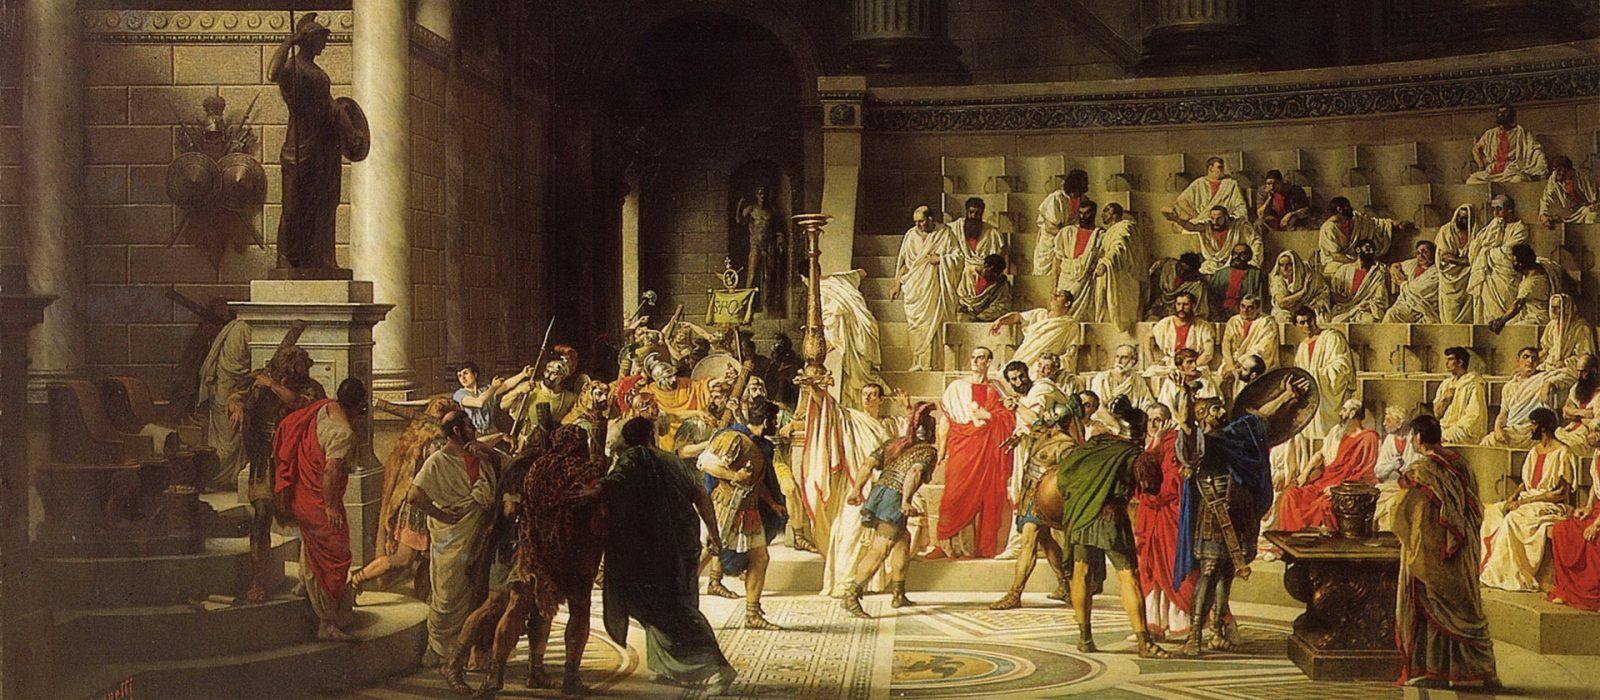 Последний Сенат Юлия Цезаря